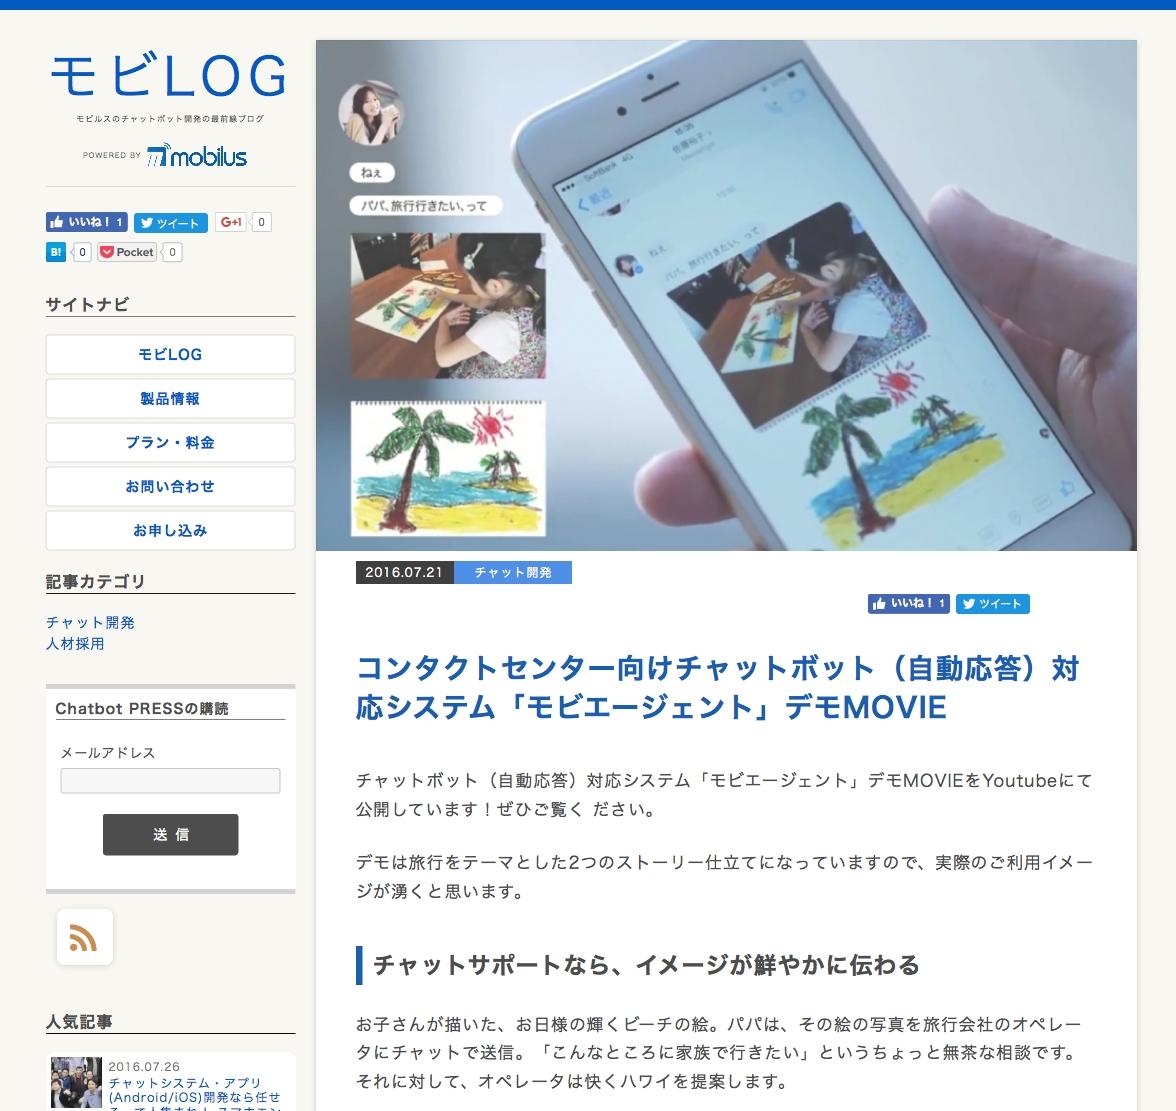 モビLOG 画面イメージ